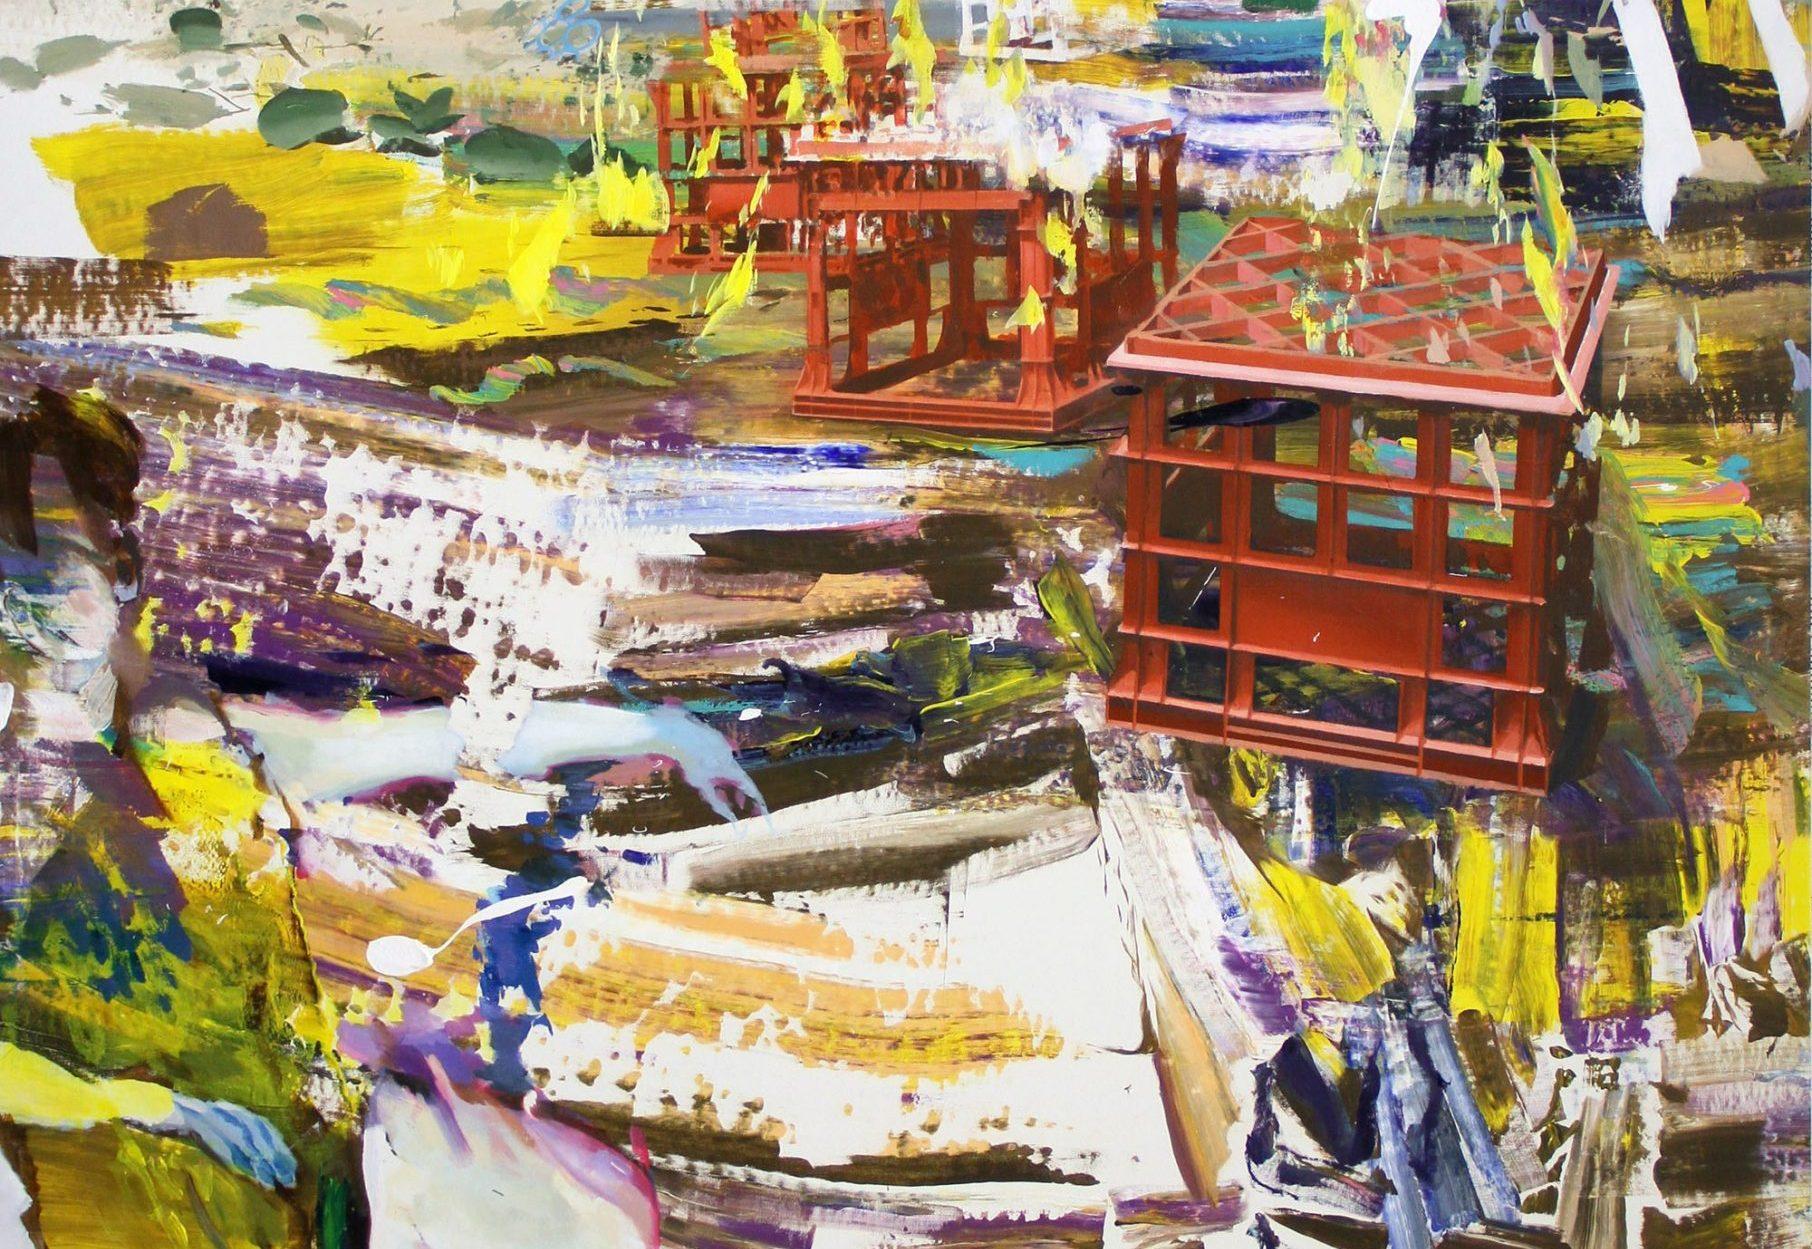 Giuseppe Gonella, Senza titolo, 2012, acrilico su tela, 200 x 180 cm